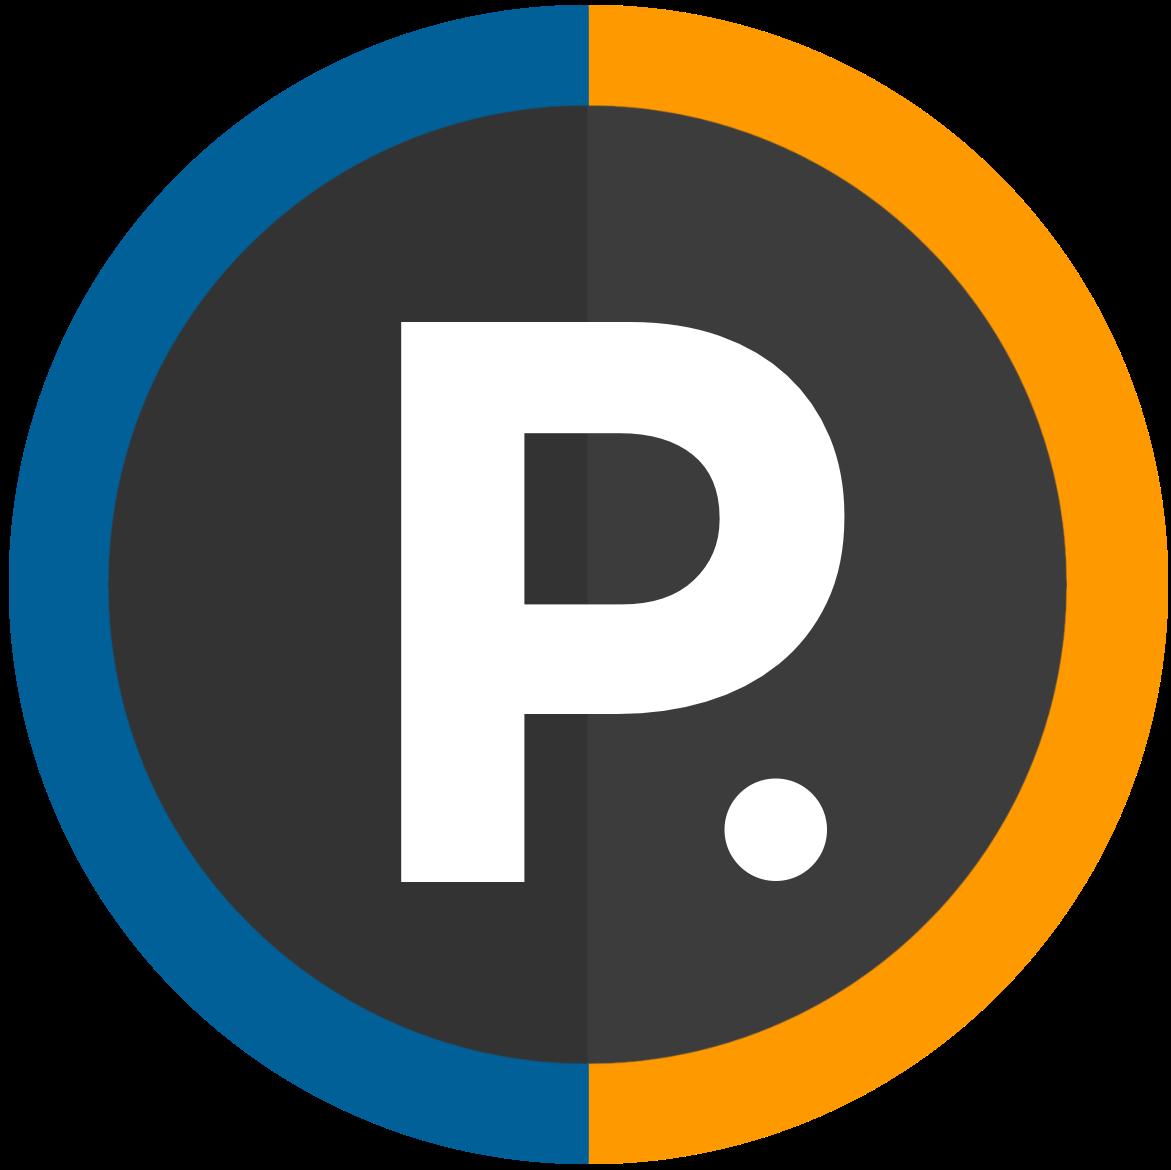 Path dot